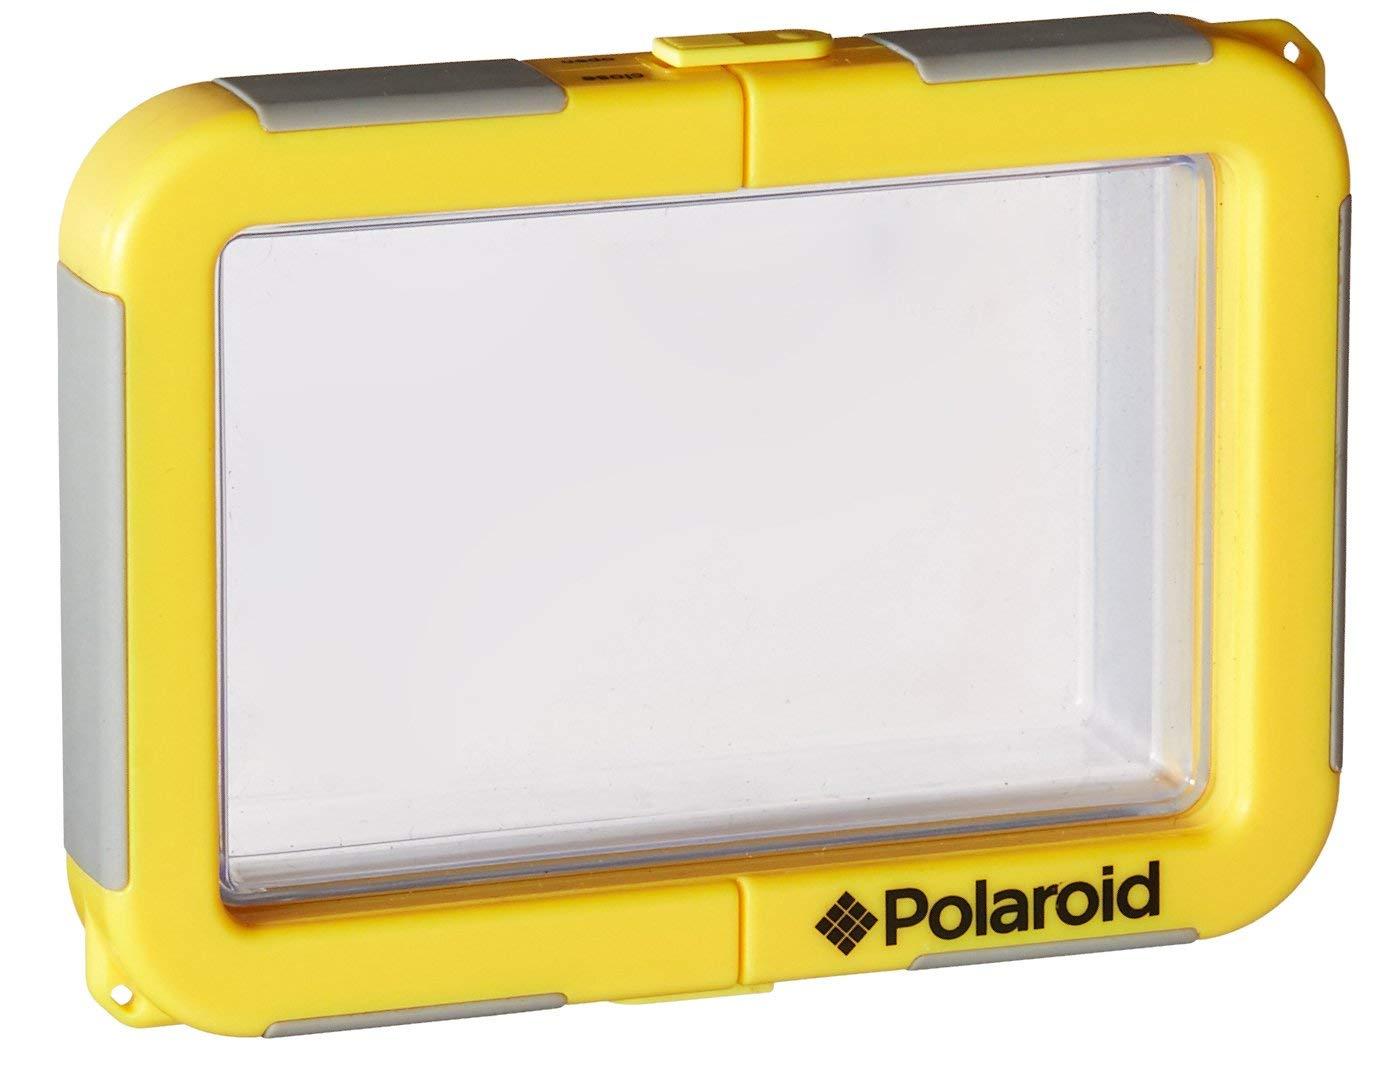 ポラロイド ダイビング定格防水カメラハウジング - 実質的にあらゆる超コンパクト「FIXED」レンズカメラを保護 (認定再生品)   B07KY2DNFP